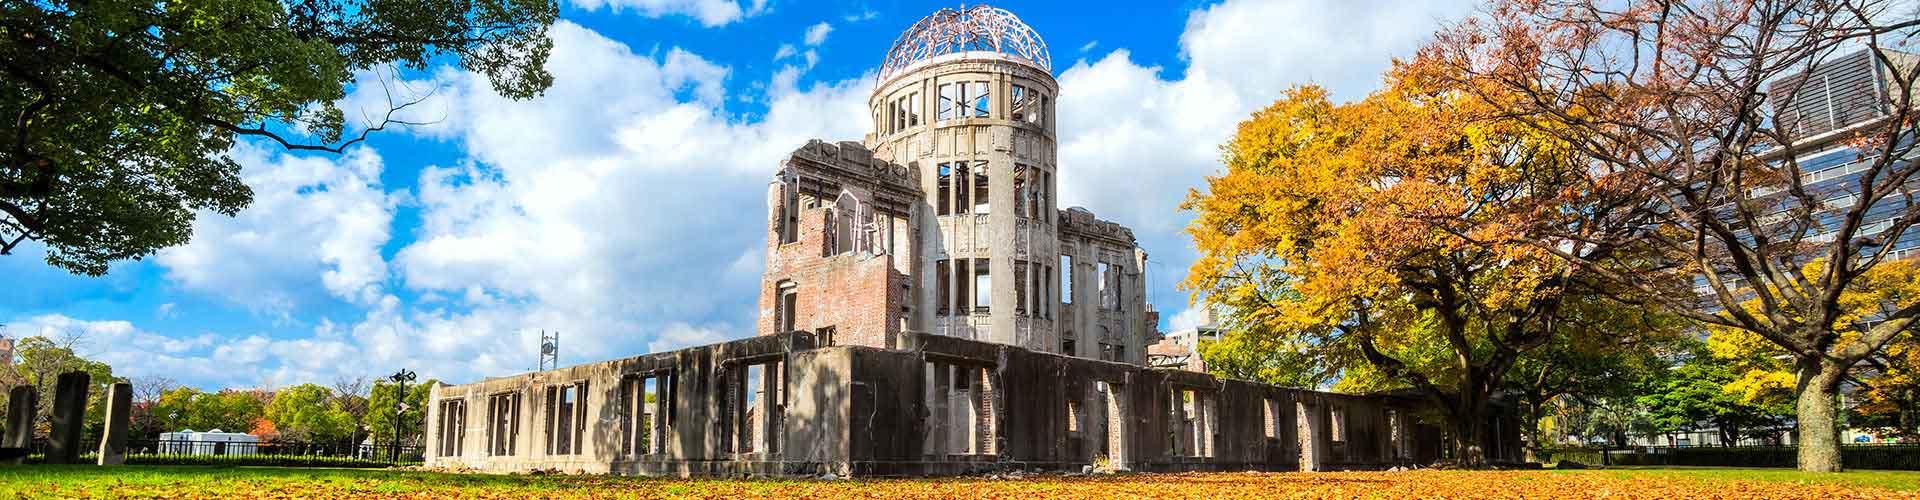 히로시마 - 히로시마에 위치한  객실.  히로시마의 지도, 히로시마에 위치한 객실에 대한 사진 및 리뷰.